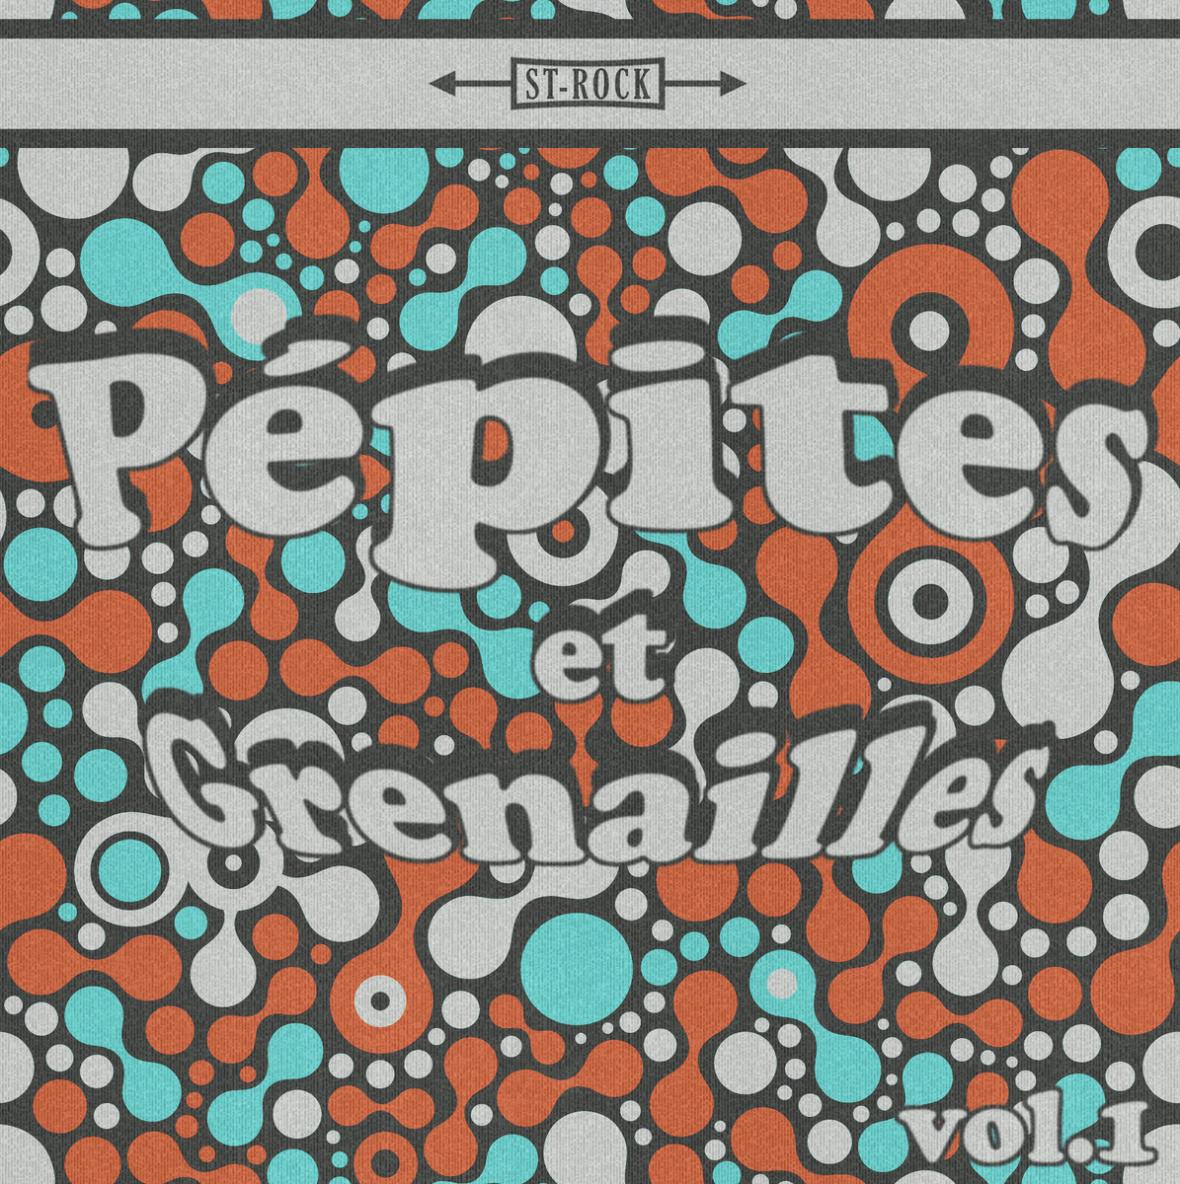 Première compilation au profit du Musée du Rock'n'Roll, incluant des reprises par Les Breastfeeders, Les Saints, Ultraptérodactyle, Les Deuxluxes et bien d'autres...